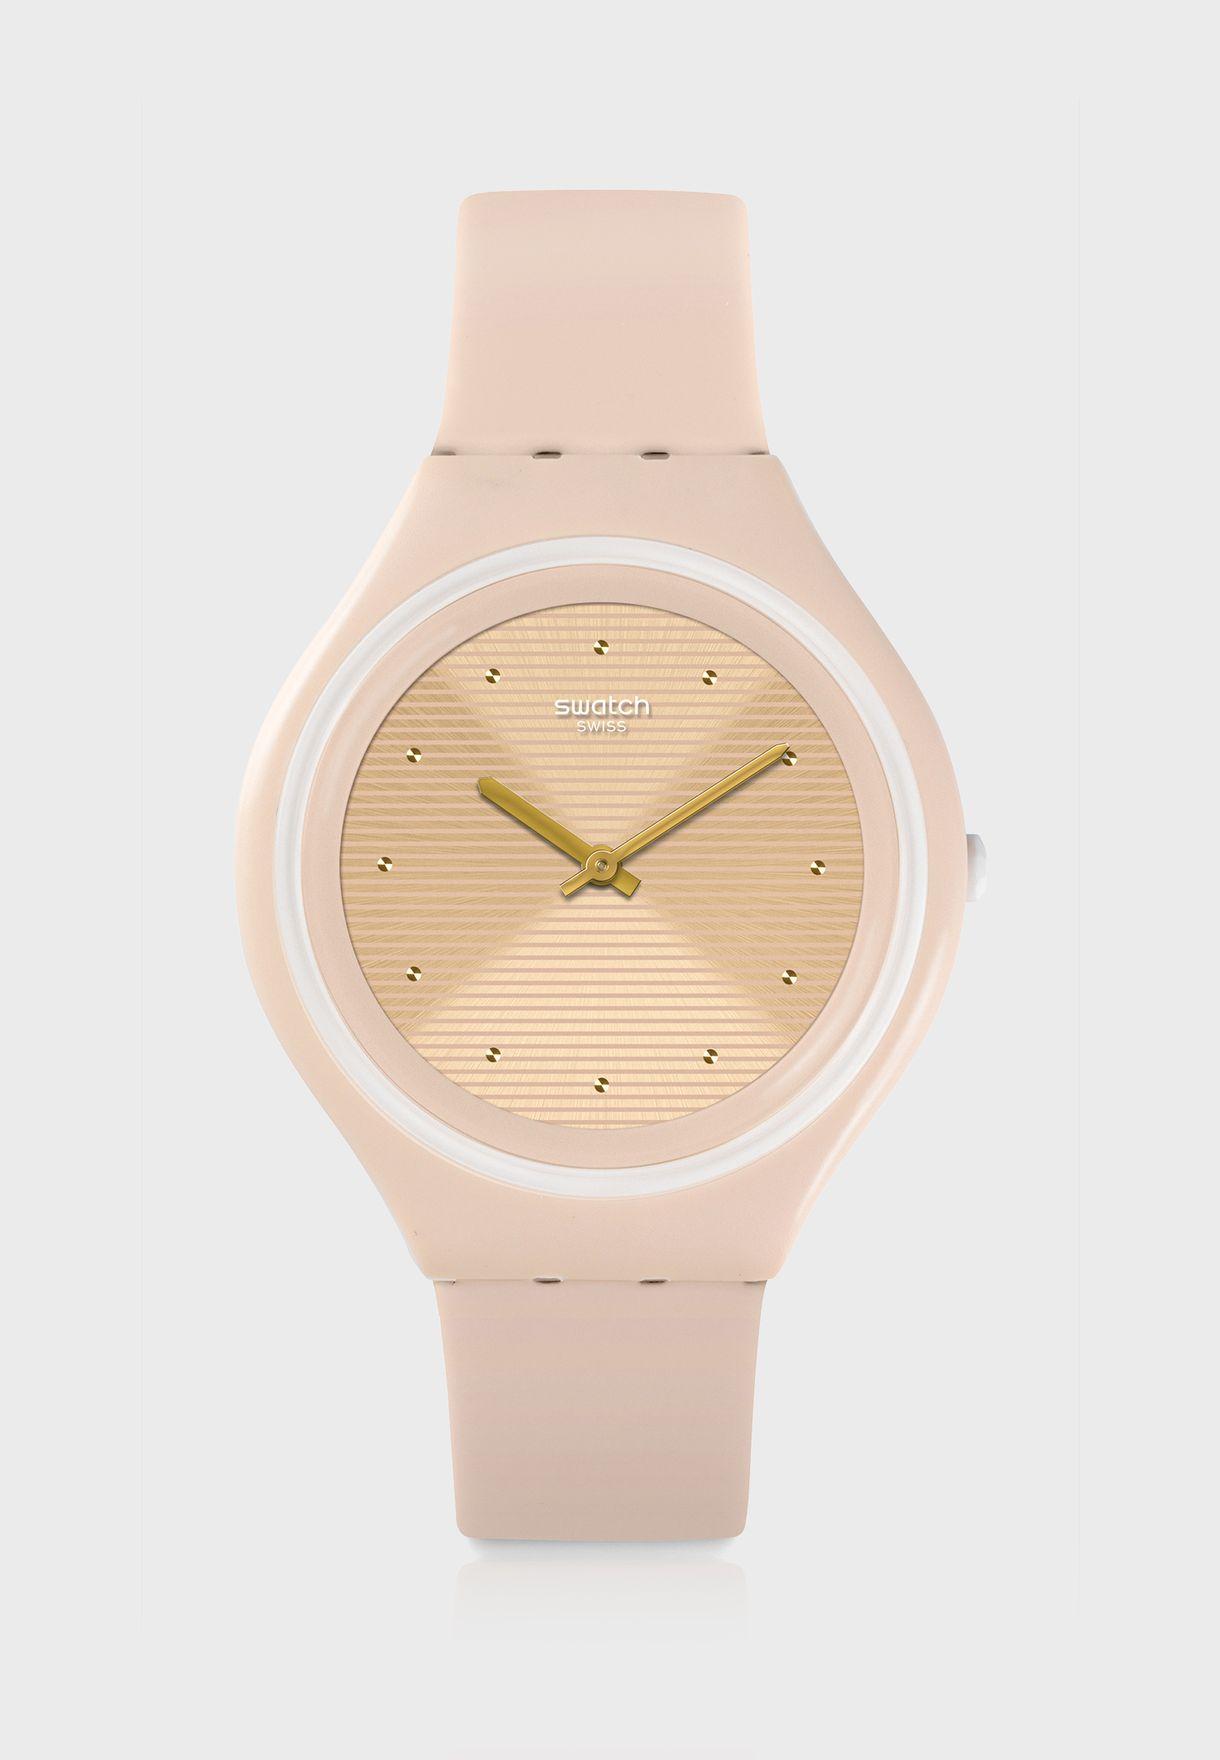 Ultra Thin Analog Watch